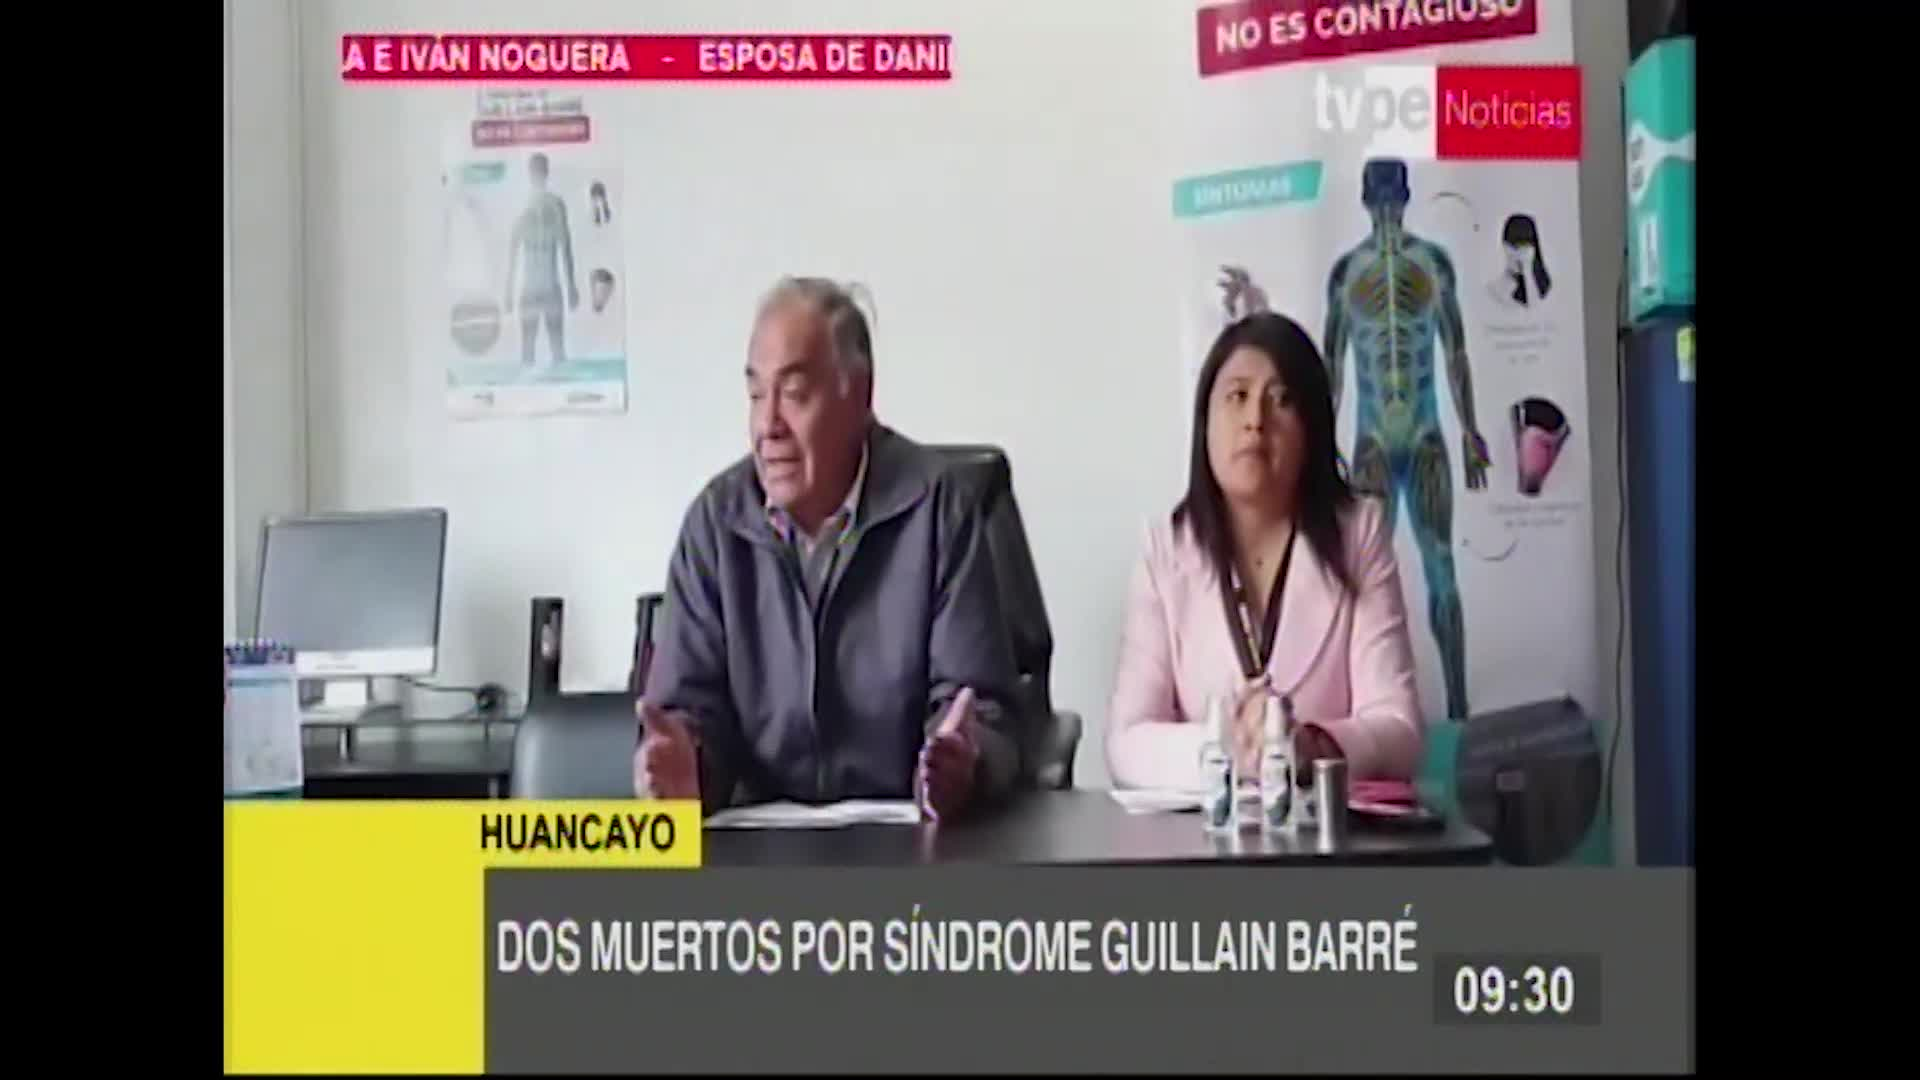 Huancayo: médicos advierten nuevo brote del síndrome de Guillain-Barré